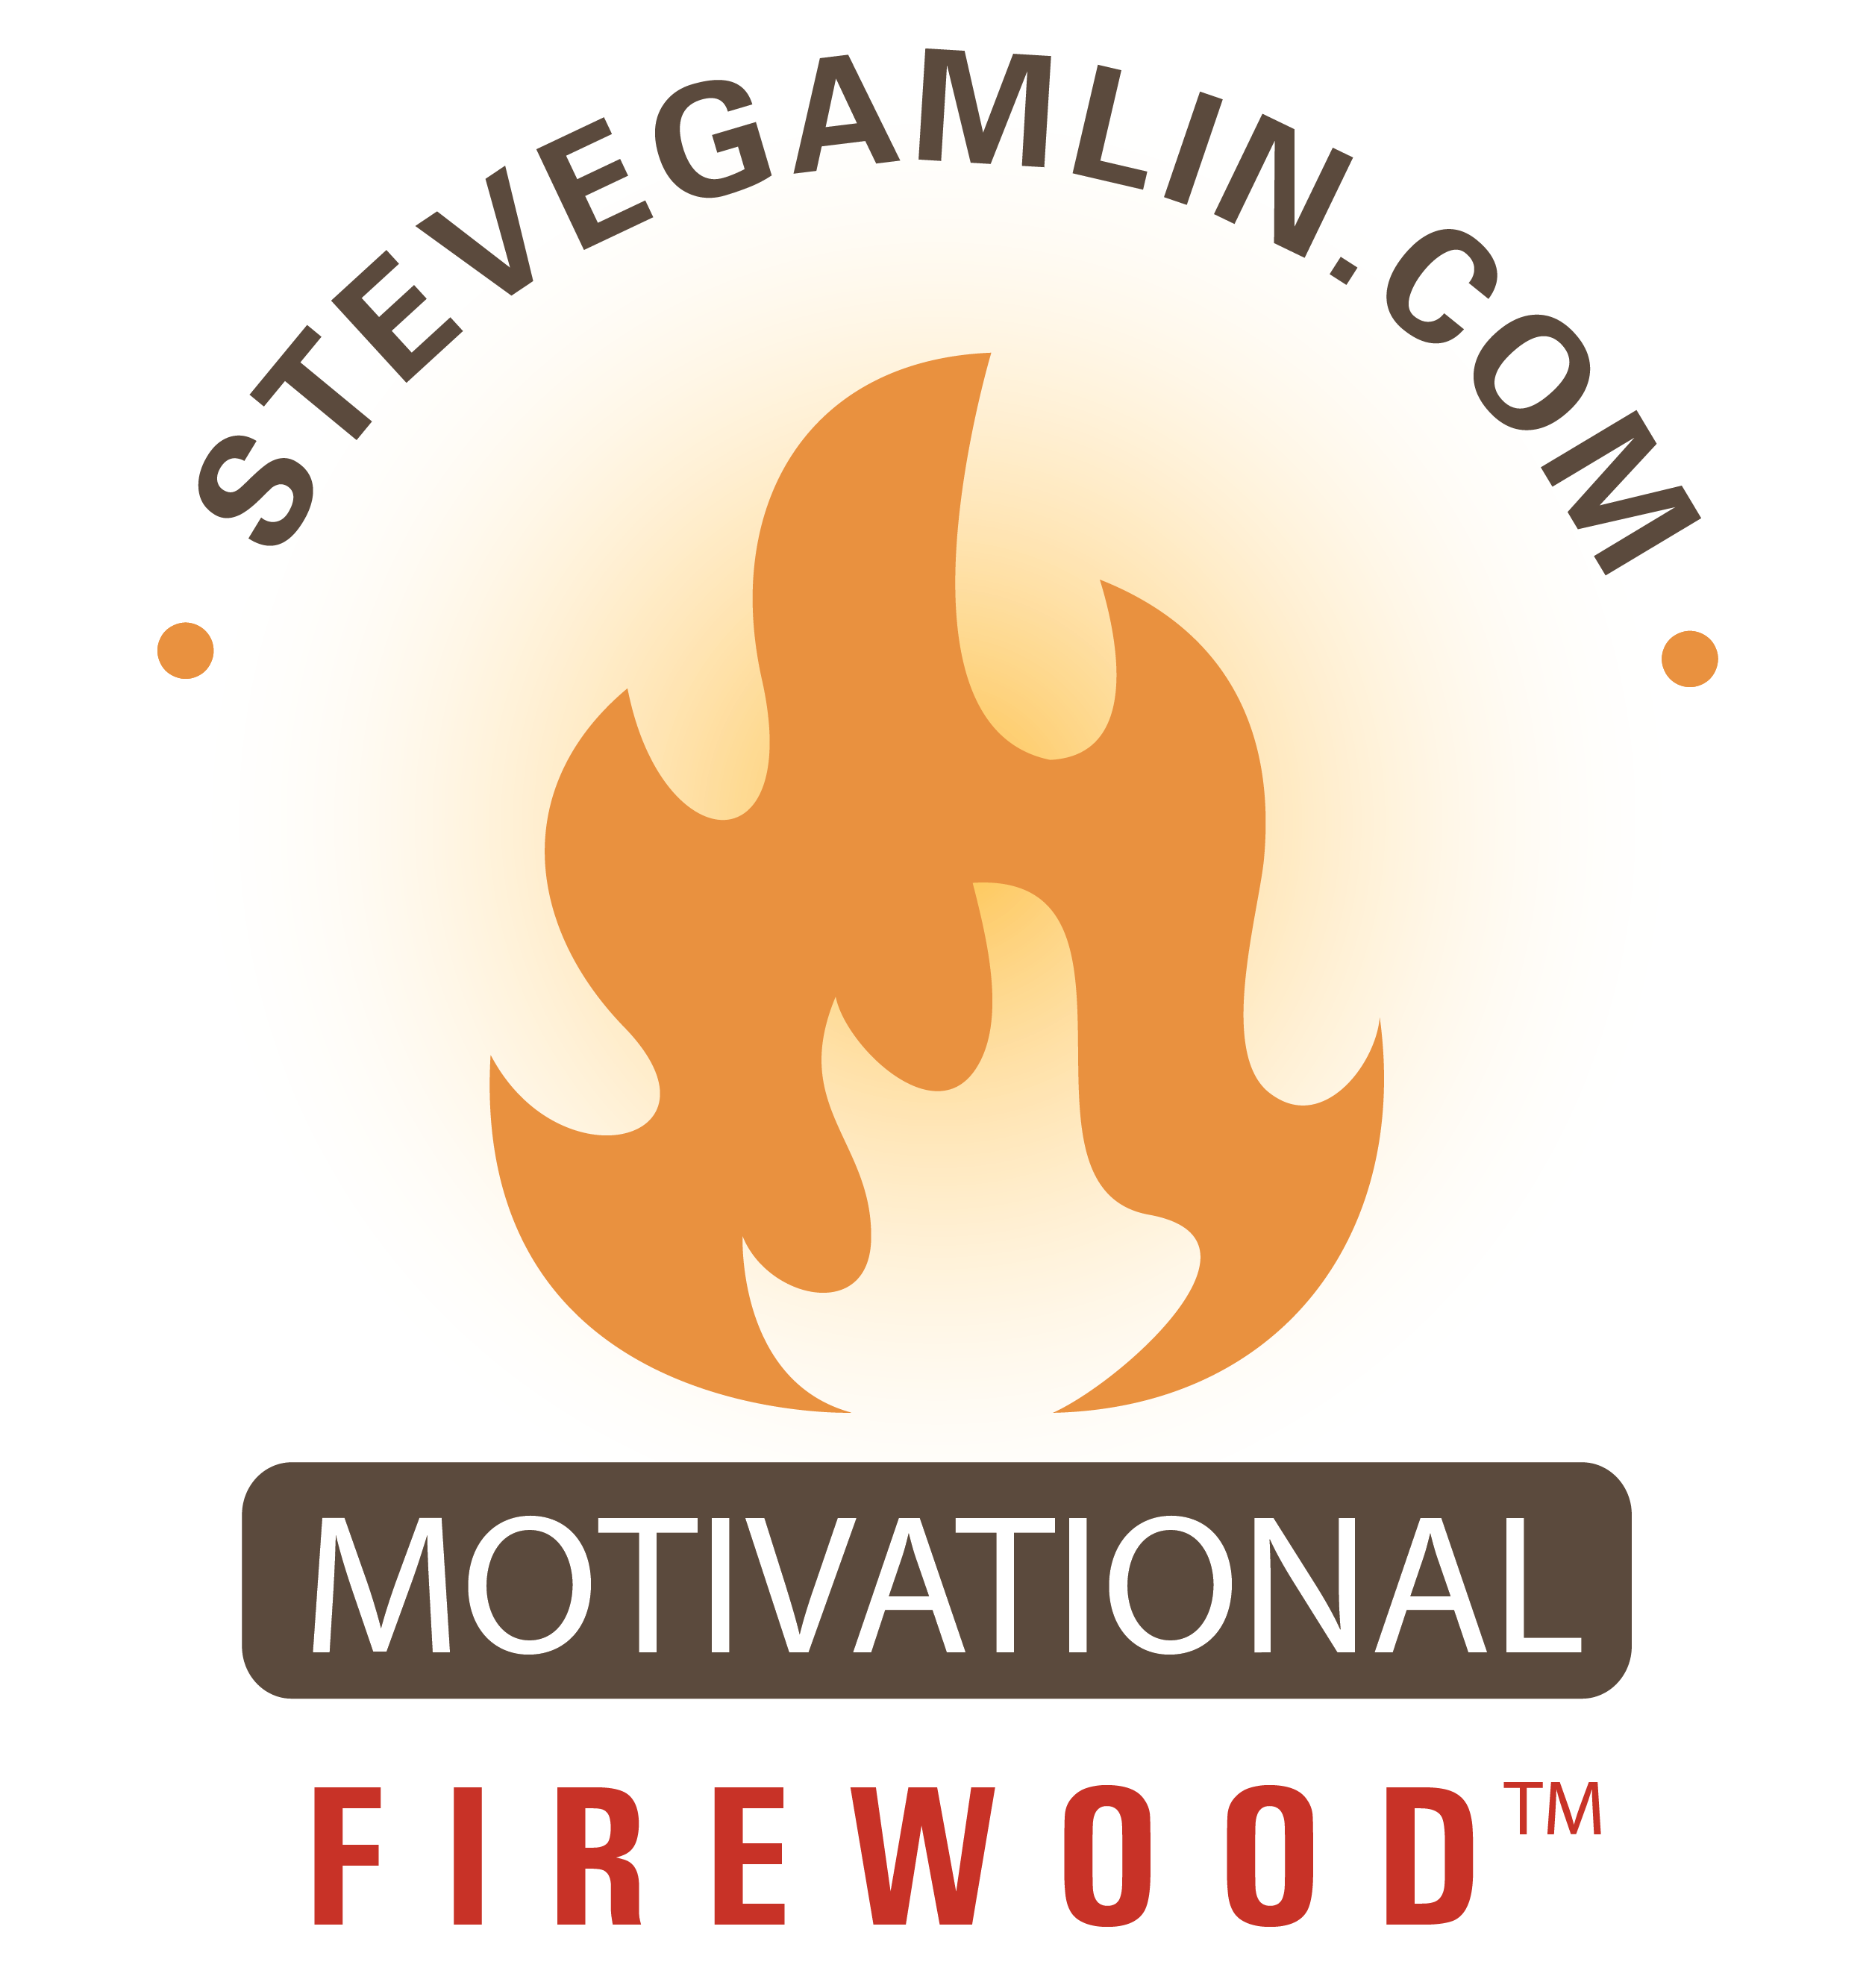 Steve Gamlin, the Motivational Firewood™ Guy!